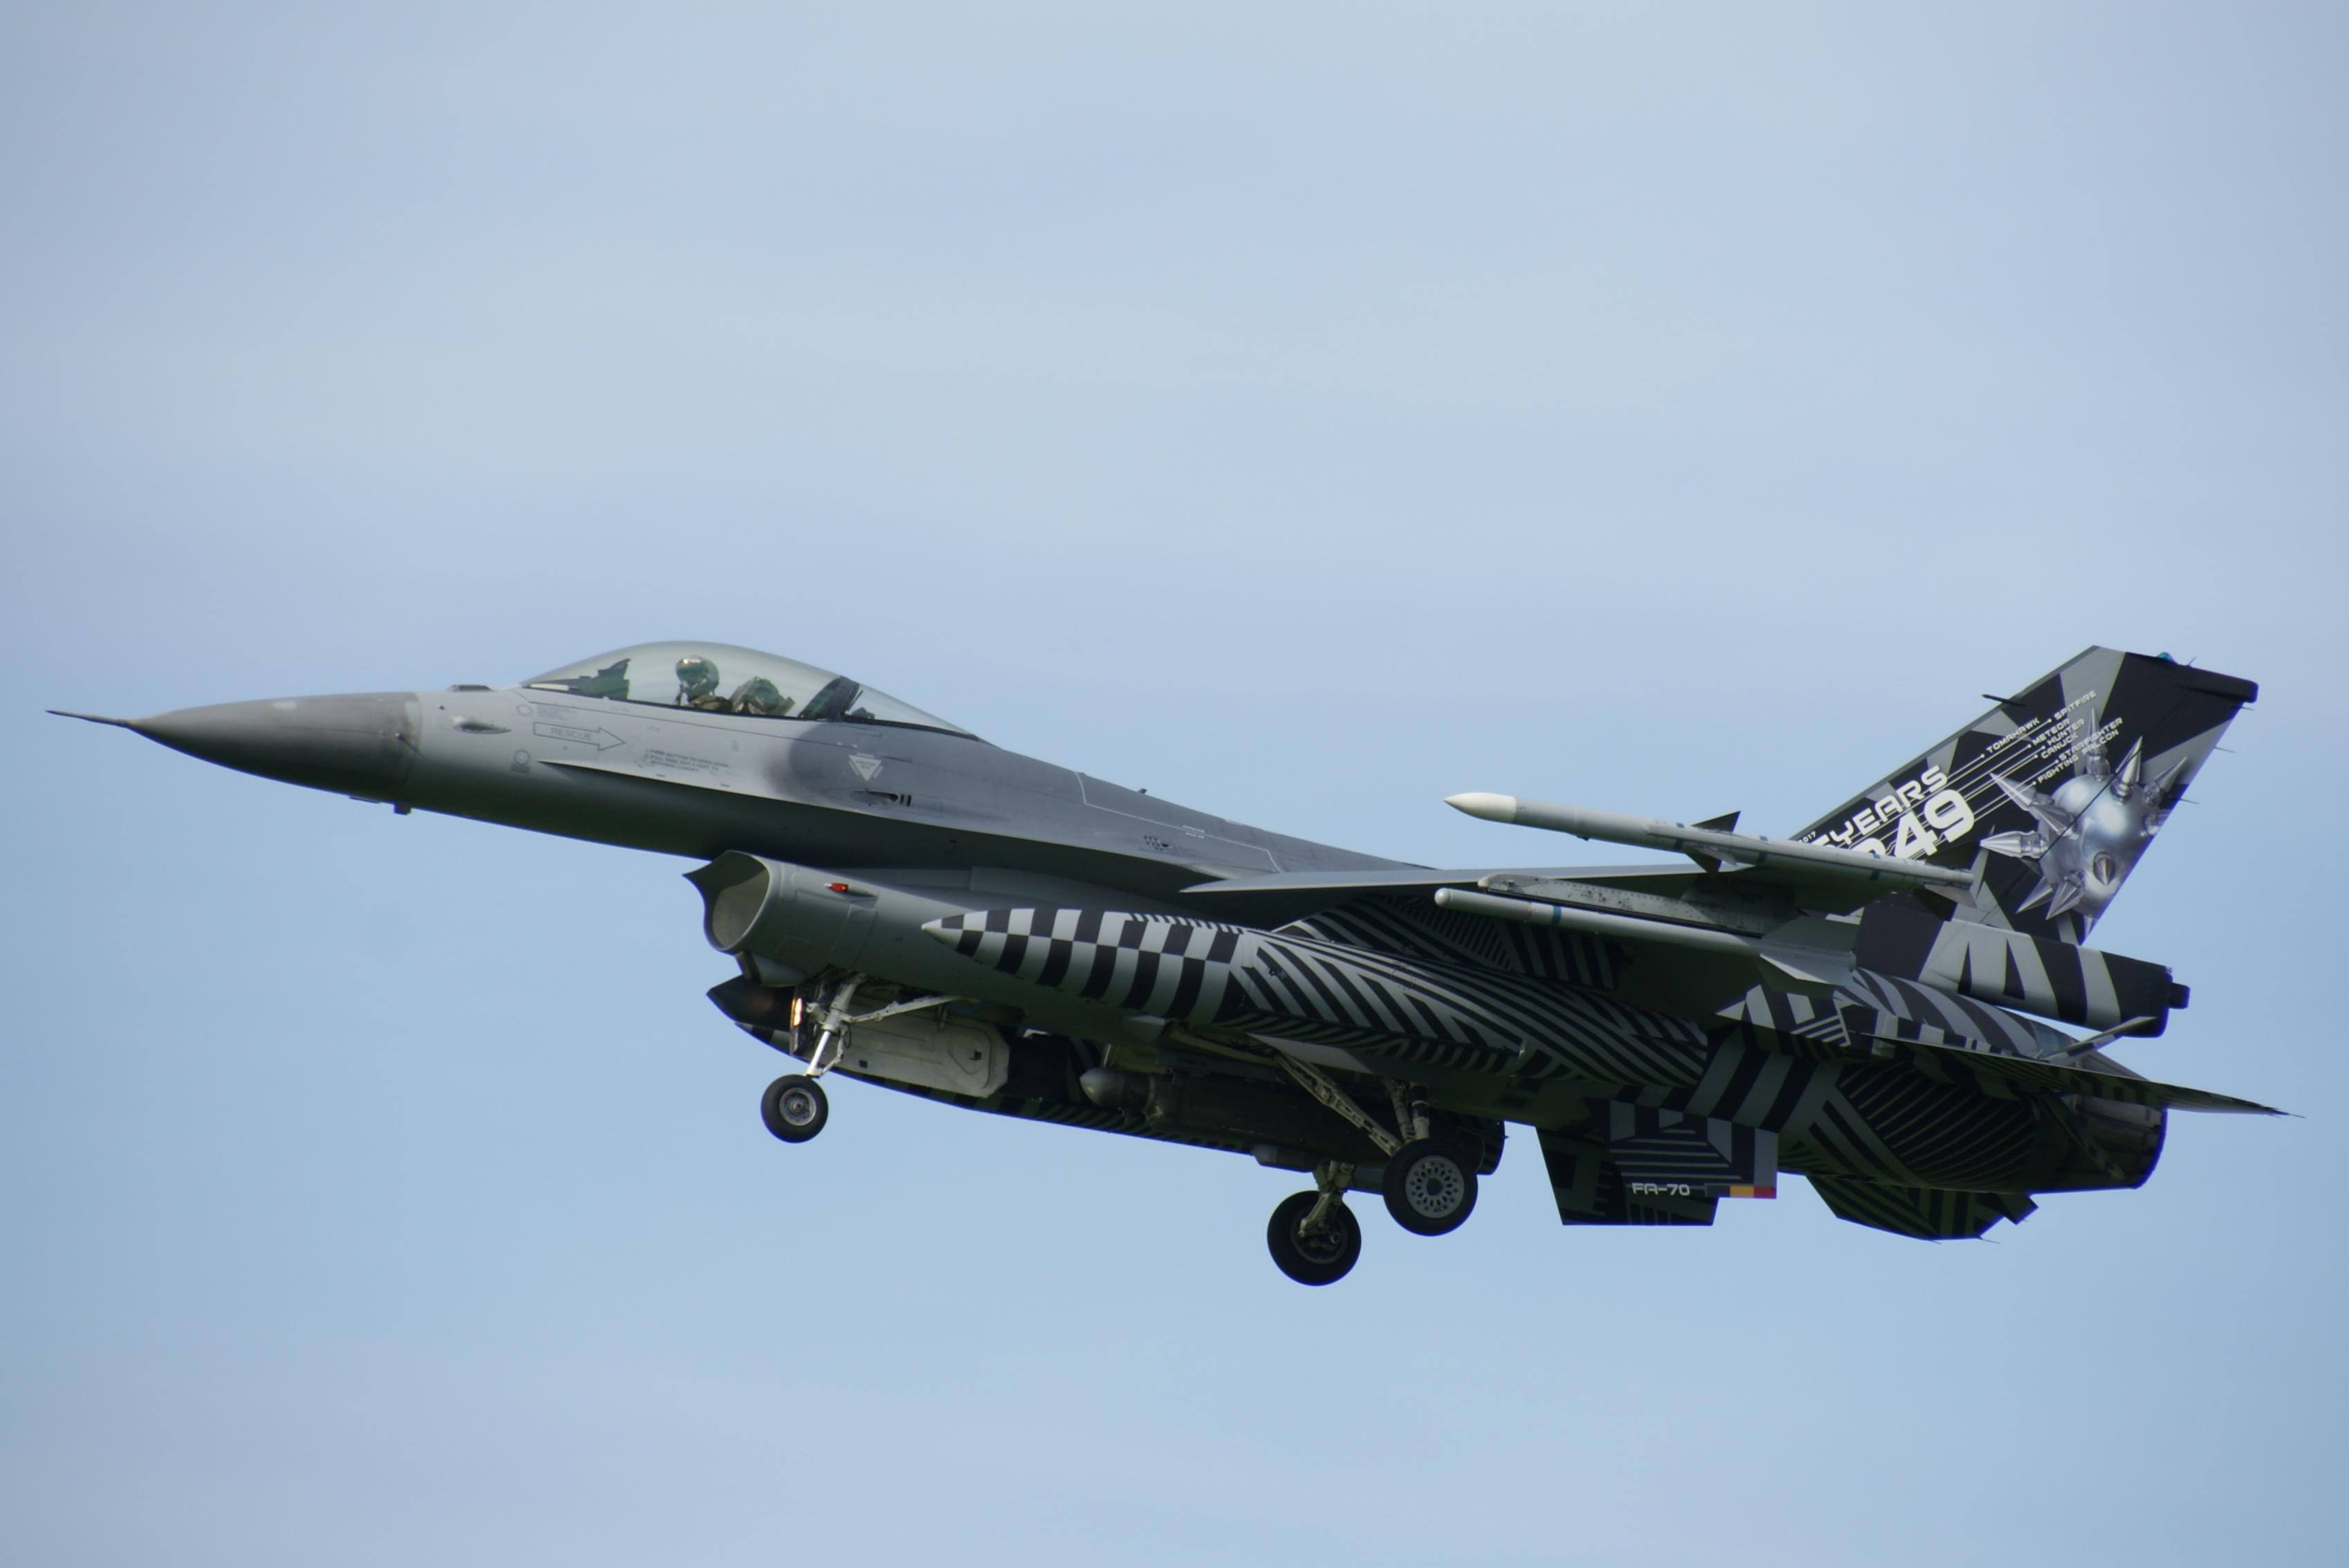 Naam: FA-70 SPECIAL (4).jpg Bekeken: 285 Grootte: 239,1 KB